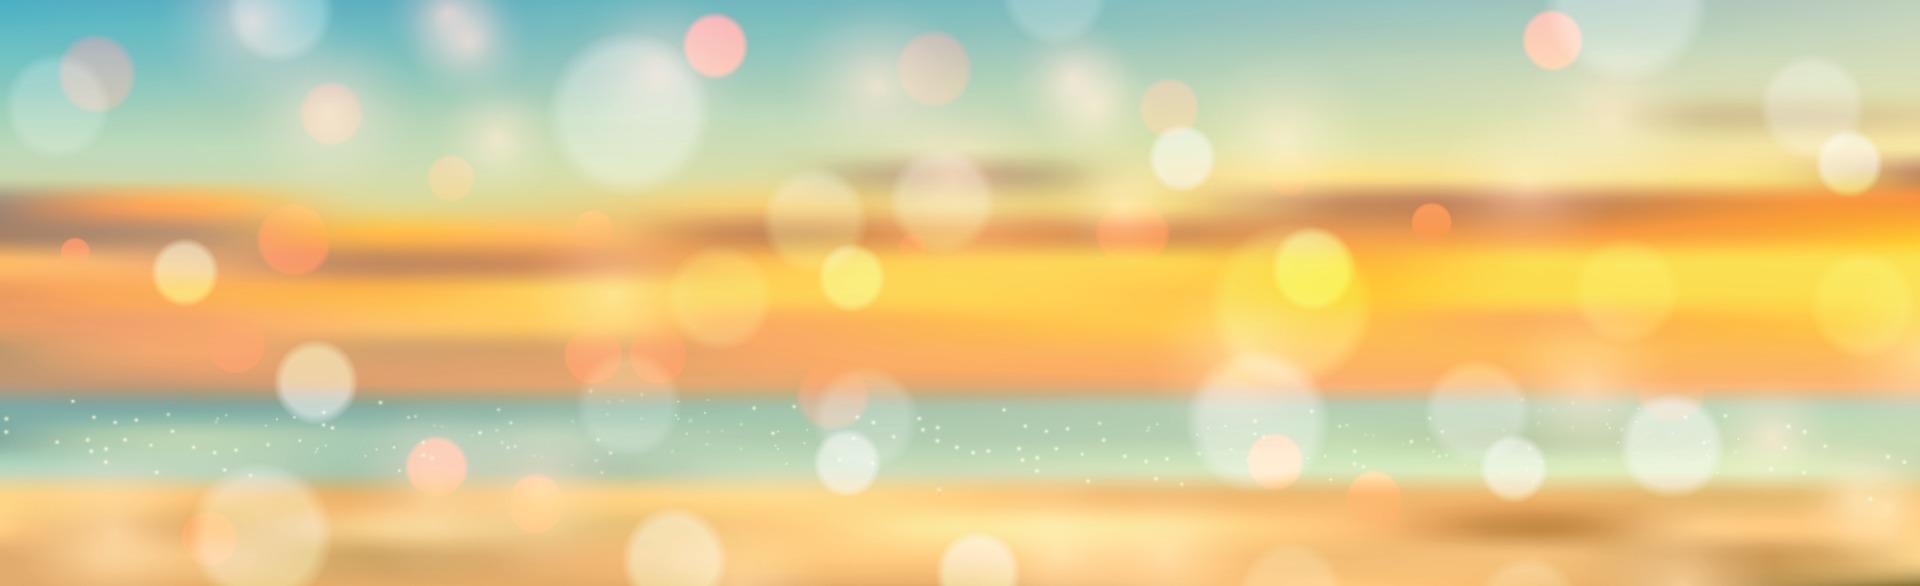 Summer panorama bokeh vacation at sea - illustration vector